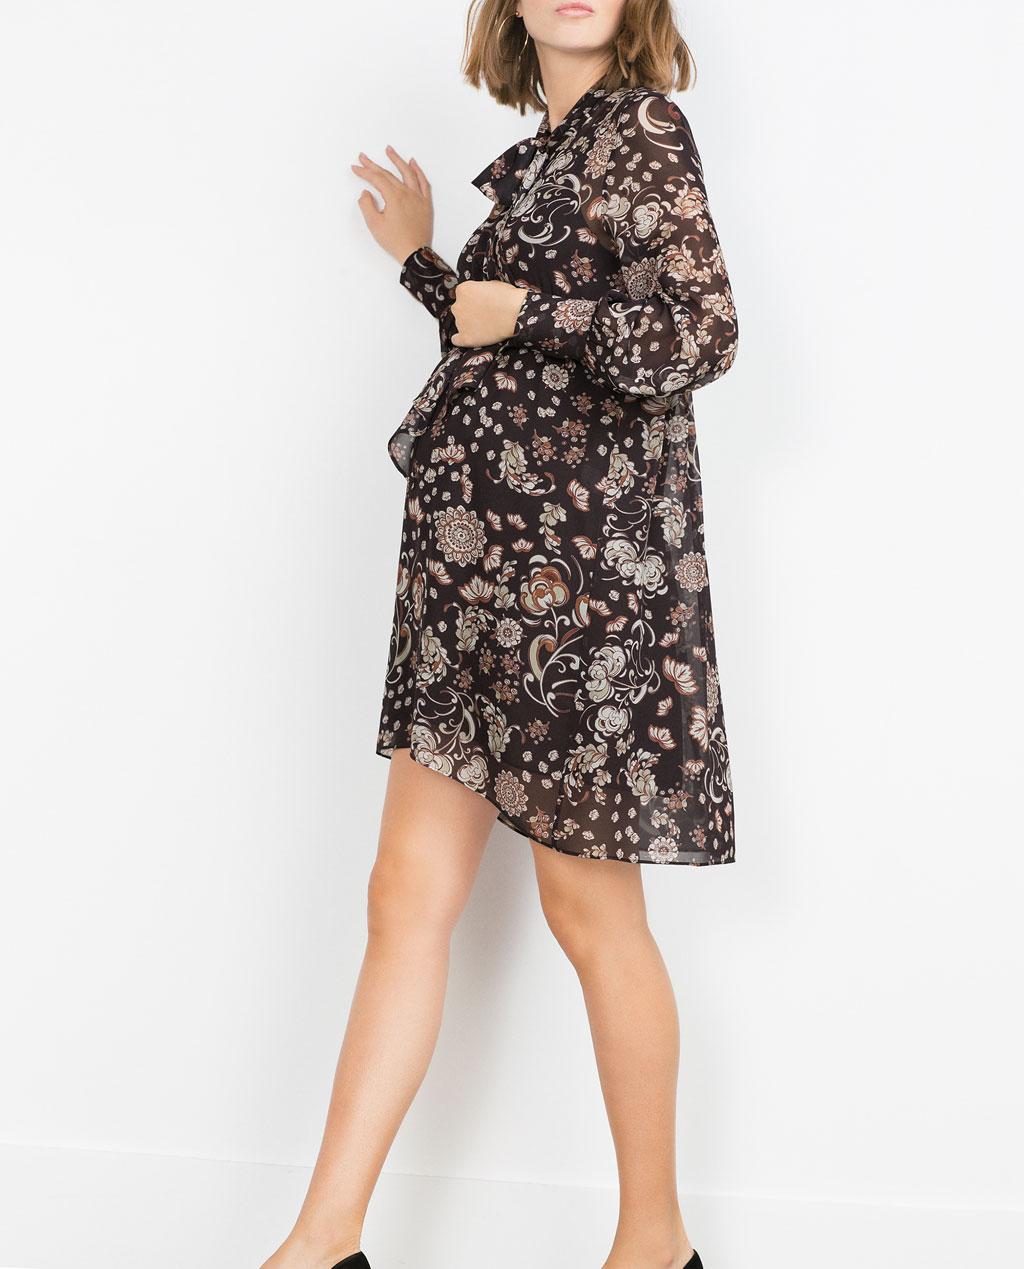 nueva estilos 317f3 1e135 Las últimas novedades de Zara en ropa premamá